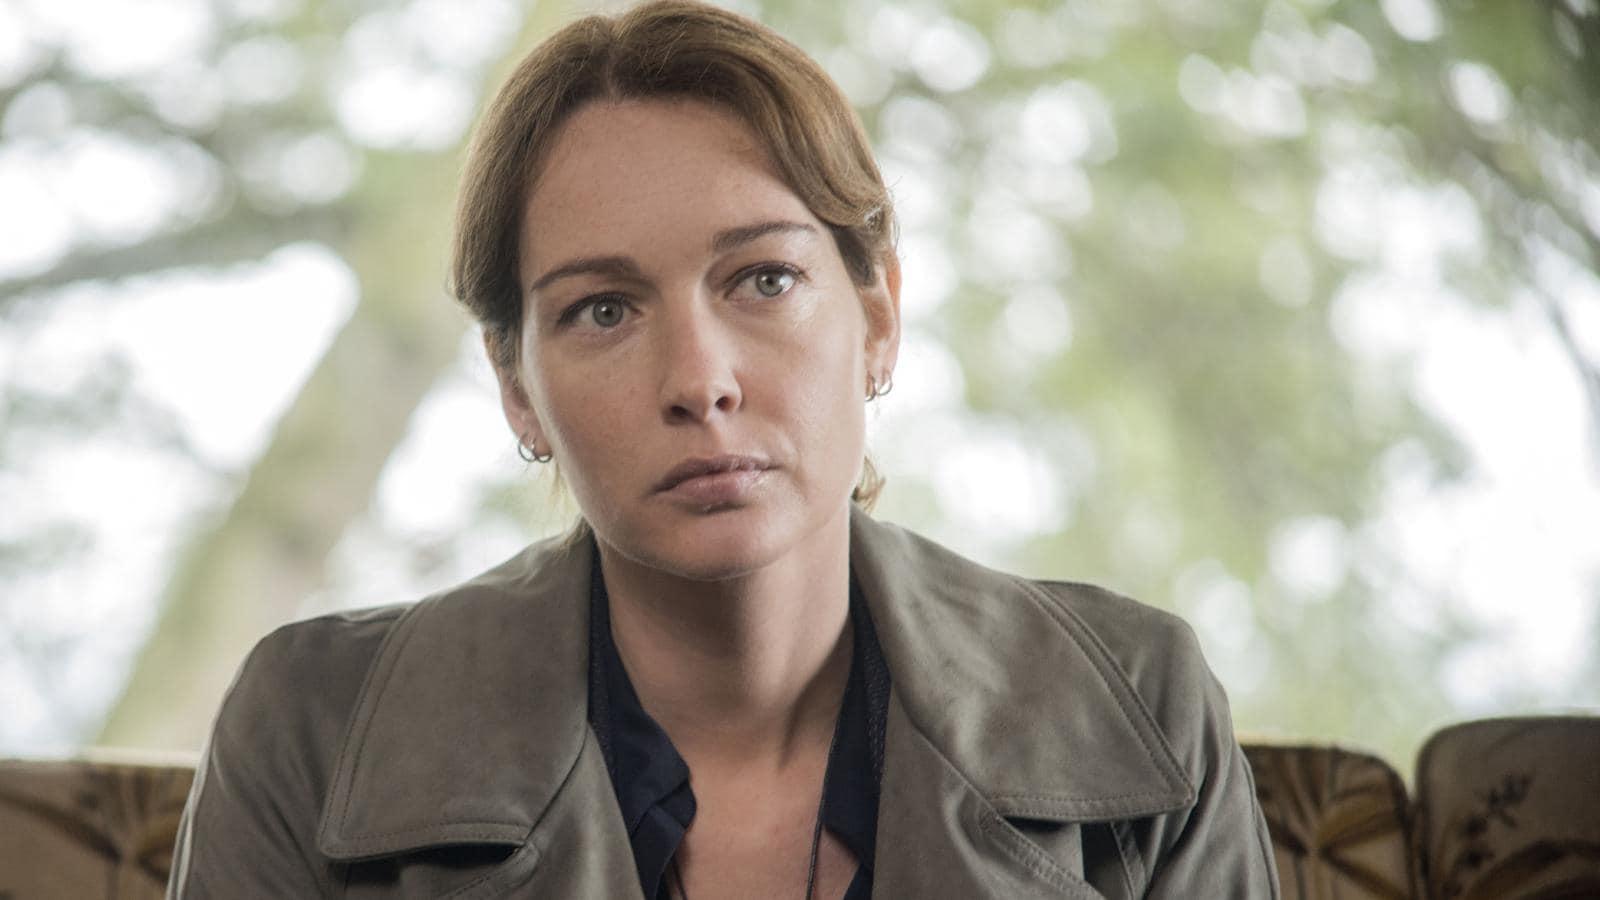 Speciale Fictionerò: Bella da morire primo appuntamento, con Cristiana Capotondi, in 1ª tv su Rai 1. Prodotta da Cattleya per Rai Fiction